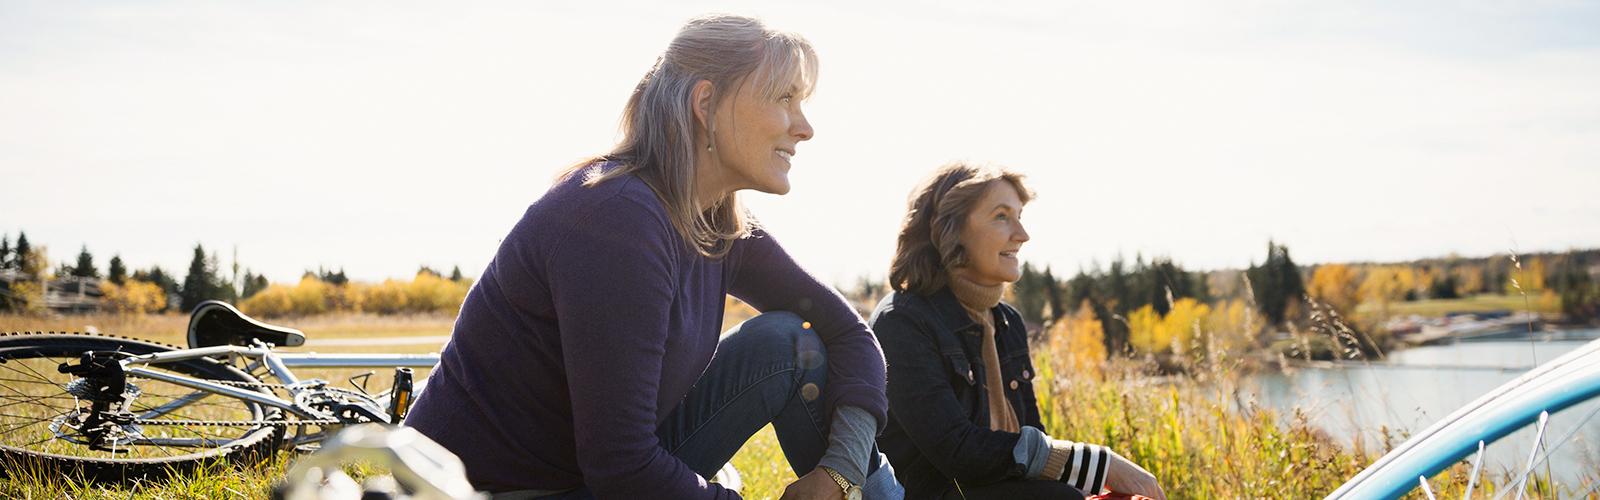 Dvi moterys su dviračiais sėdi saulėtoje pievoje